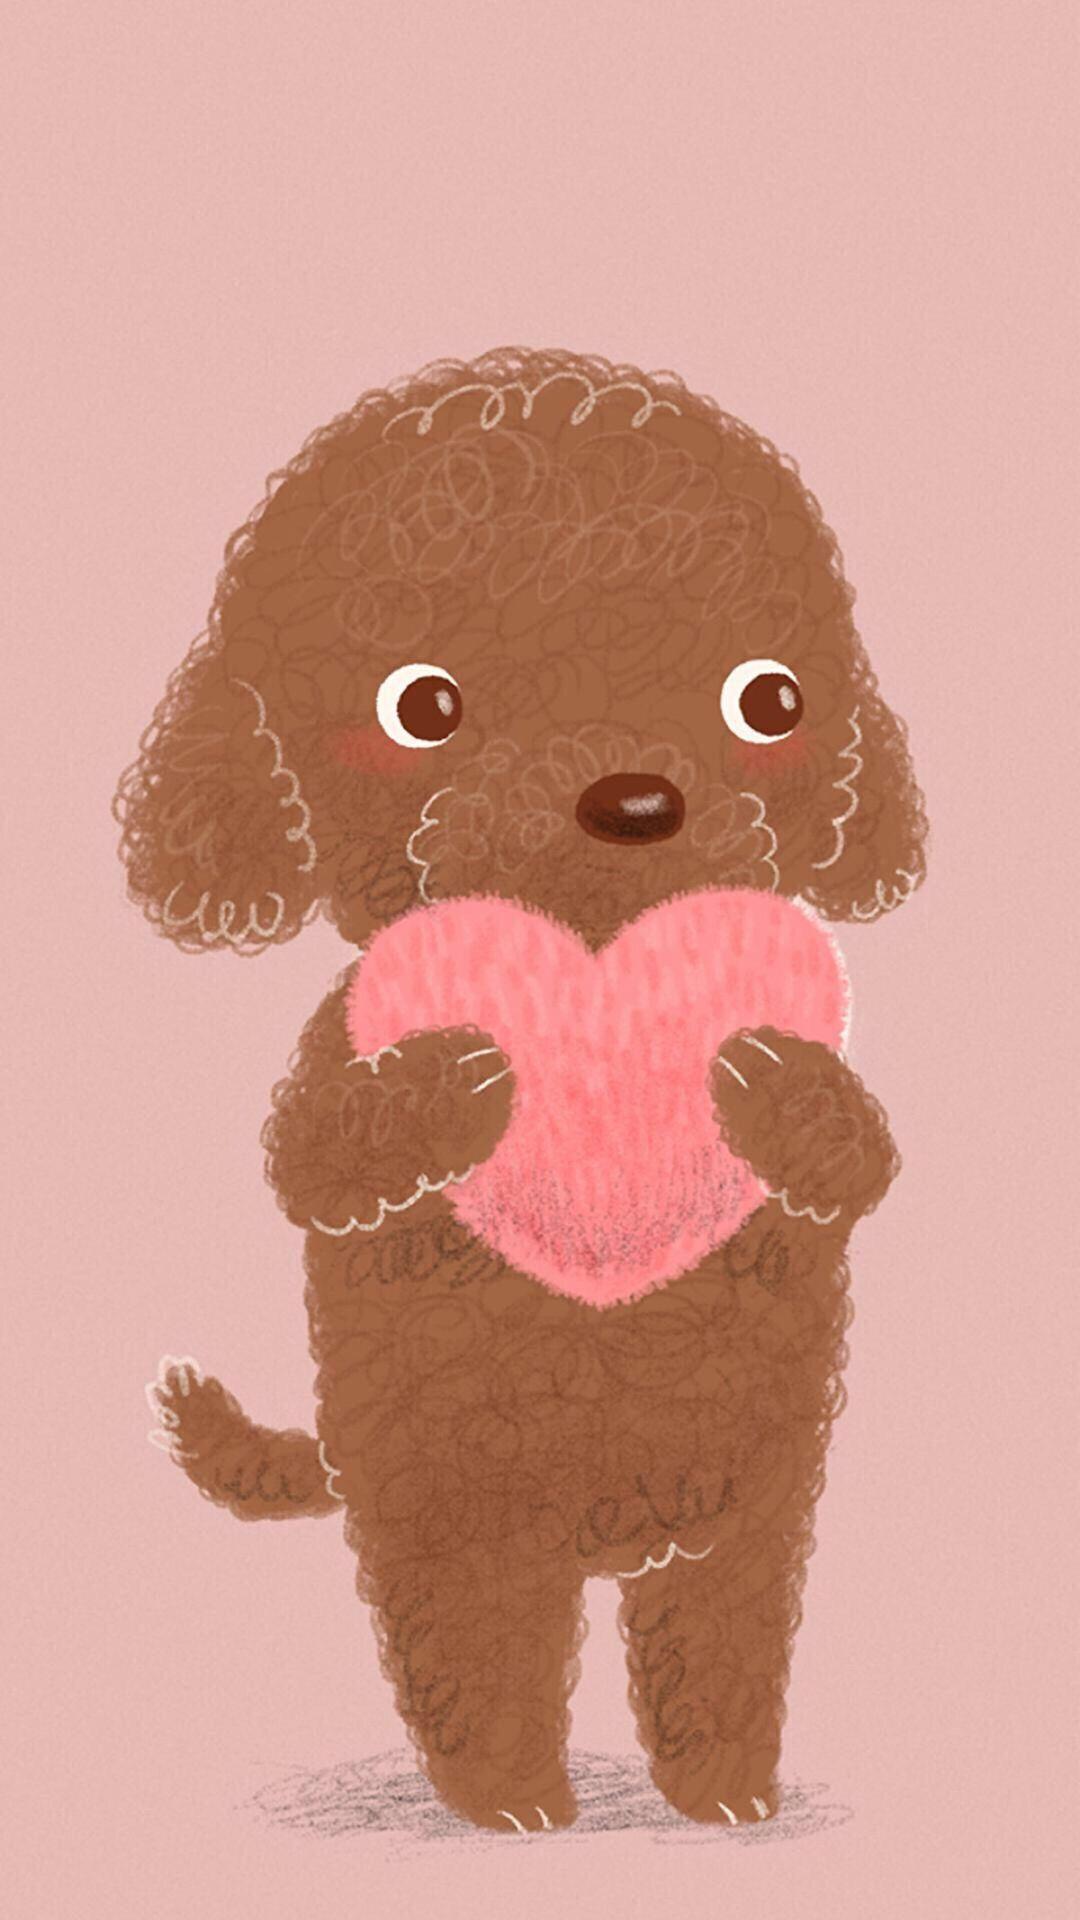 爱心 手绘 狗 粉色